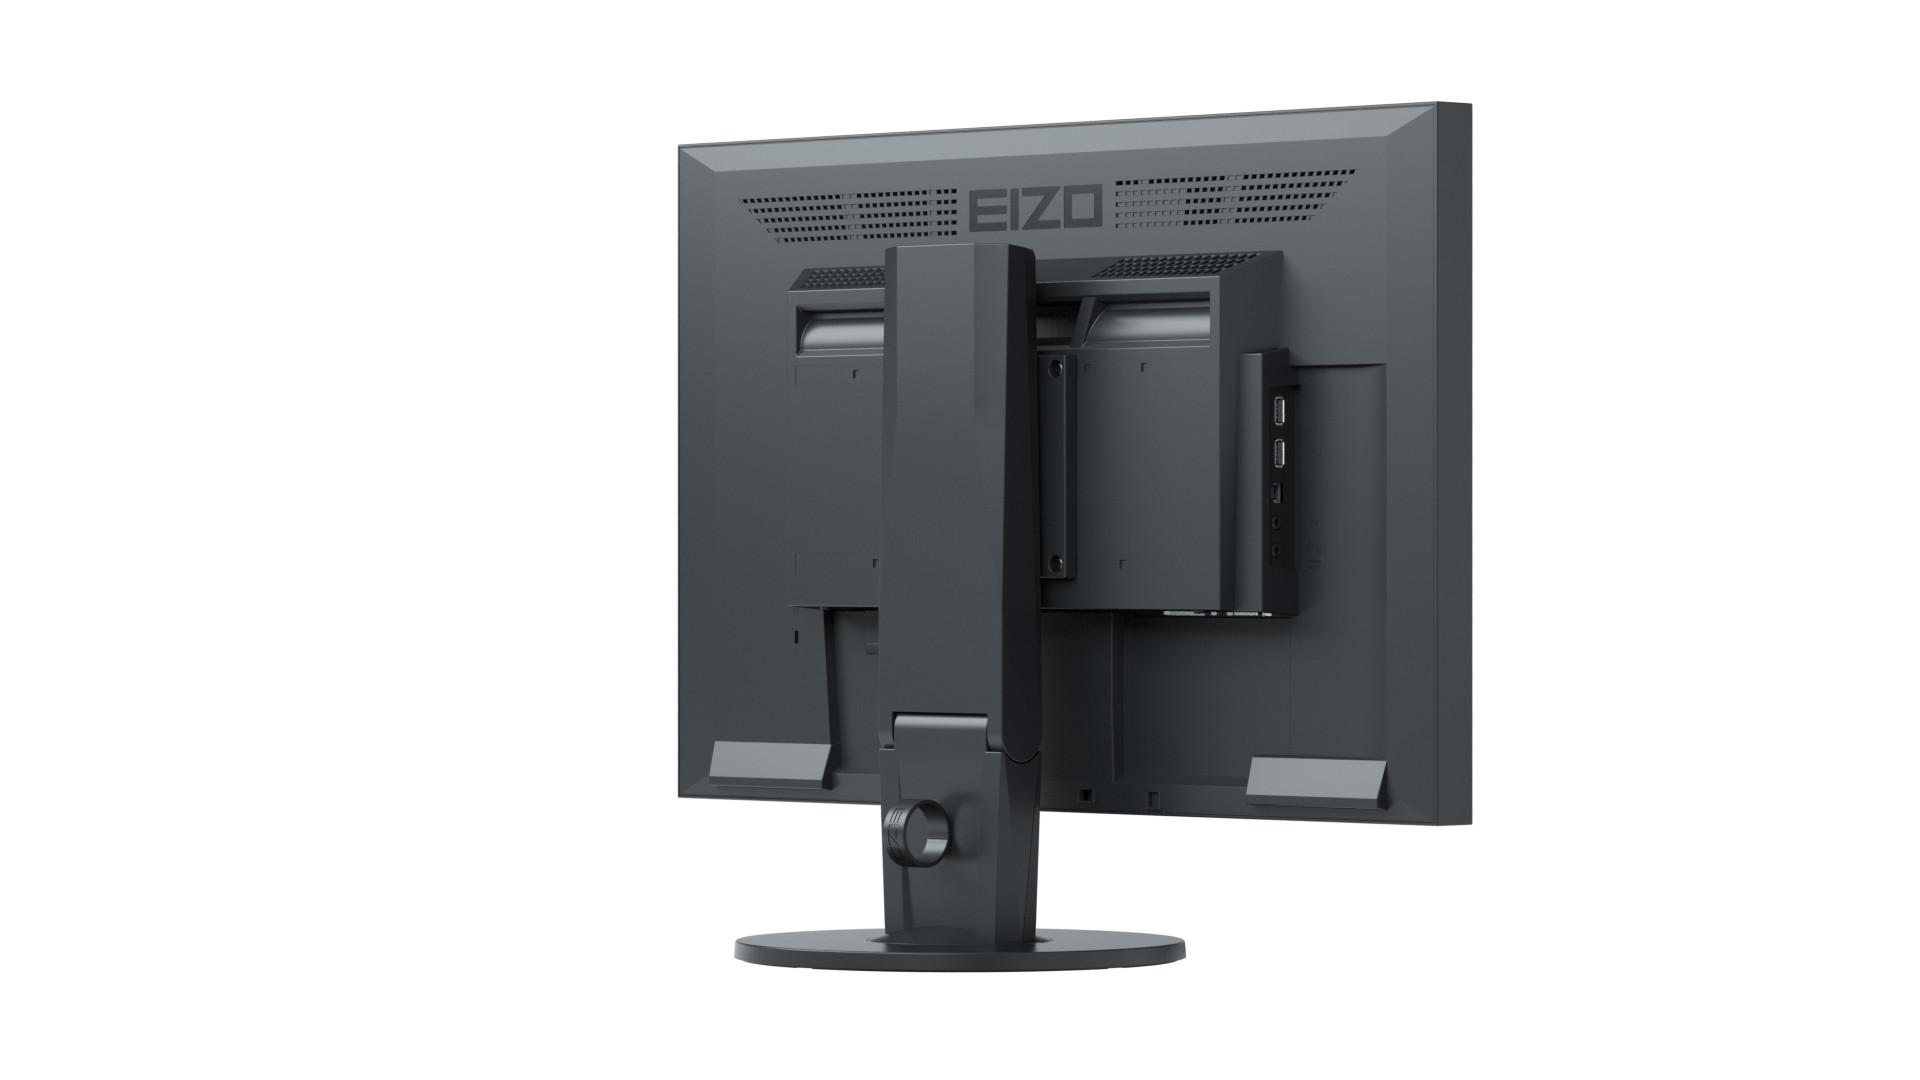 Монитор EIZO EV2430-BK-3